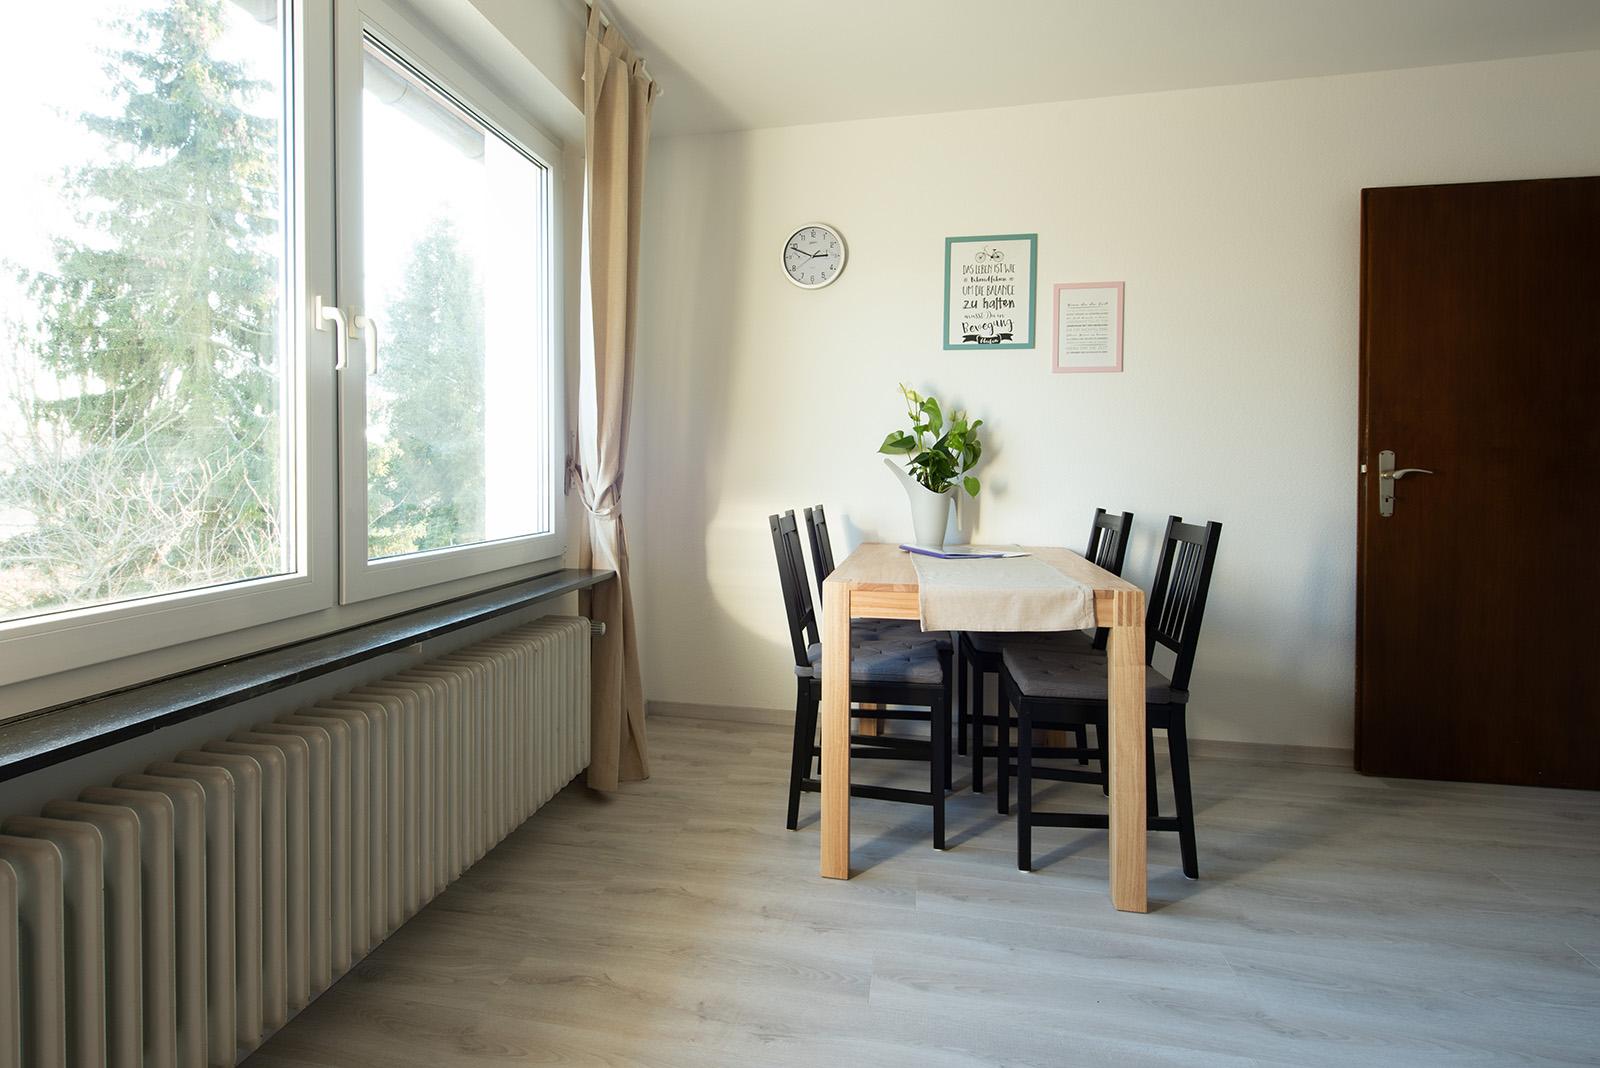 Ferienwohnung am Bodensee: Ittendorf - Essbereich